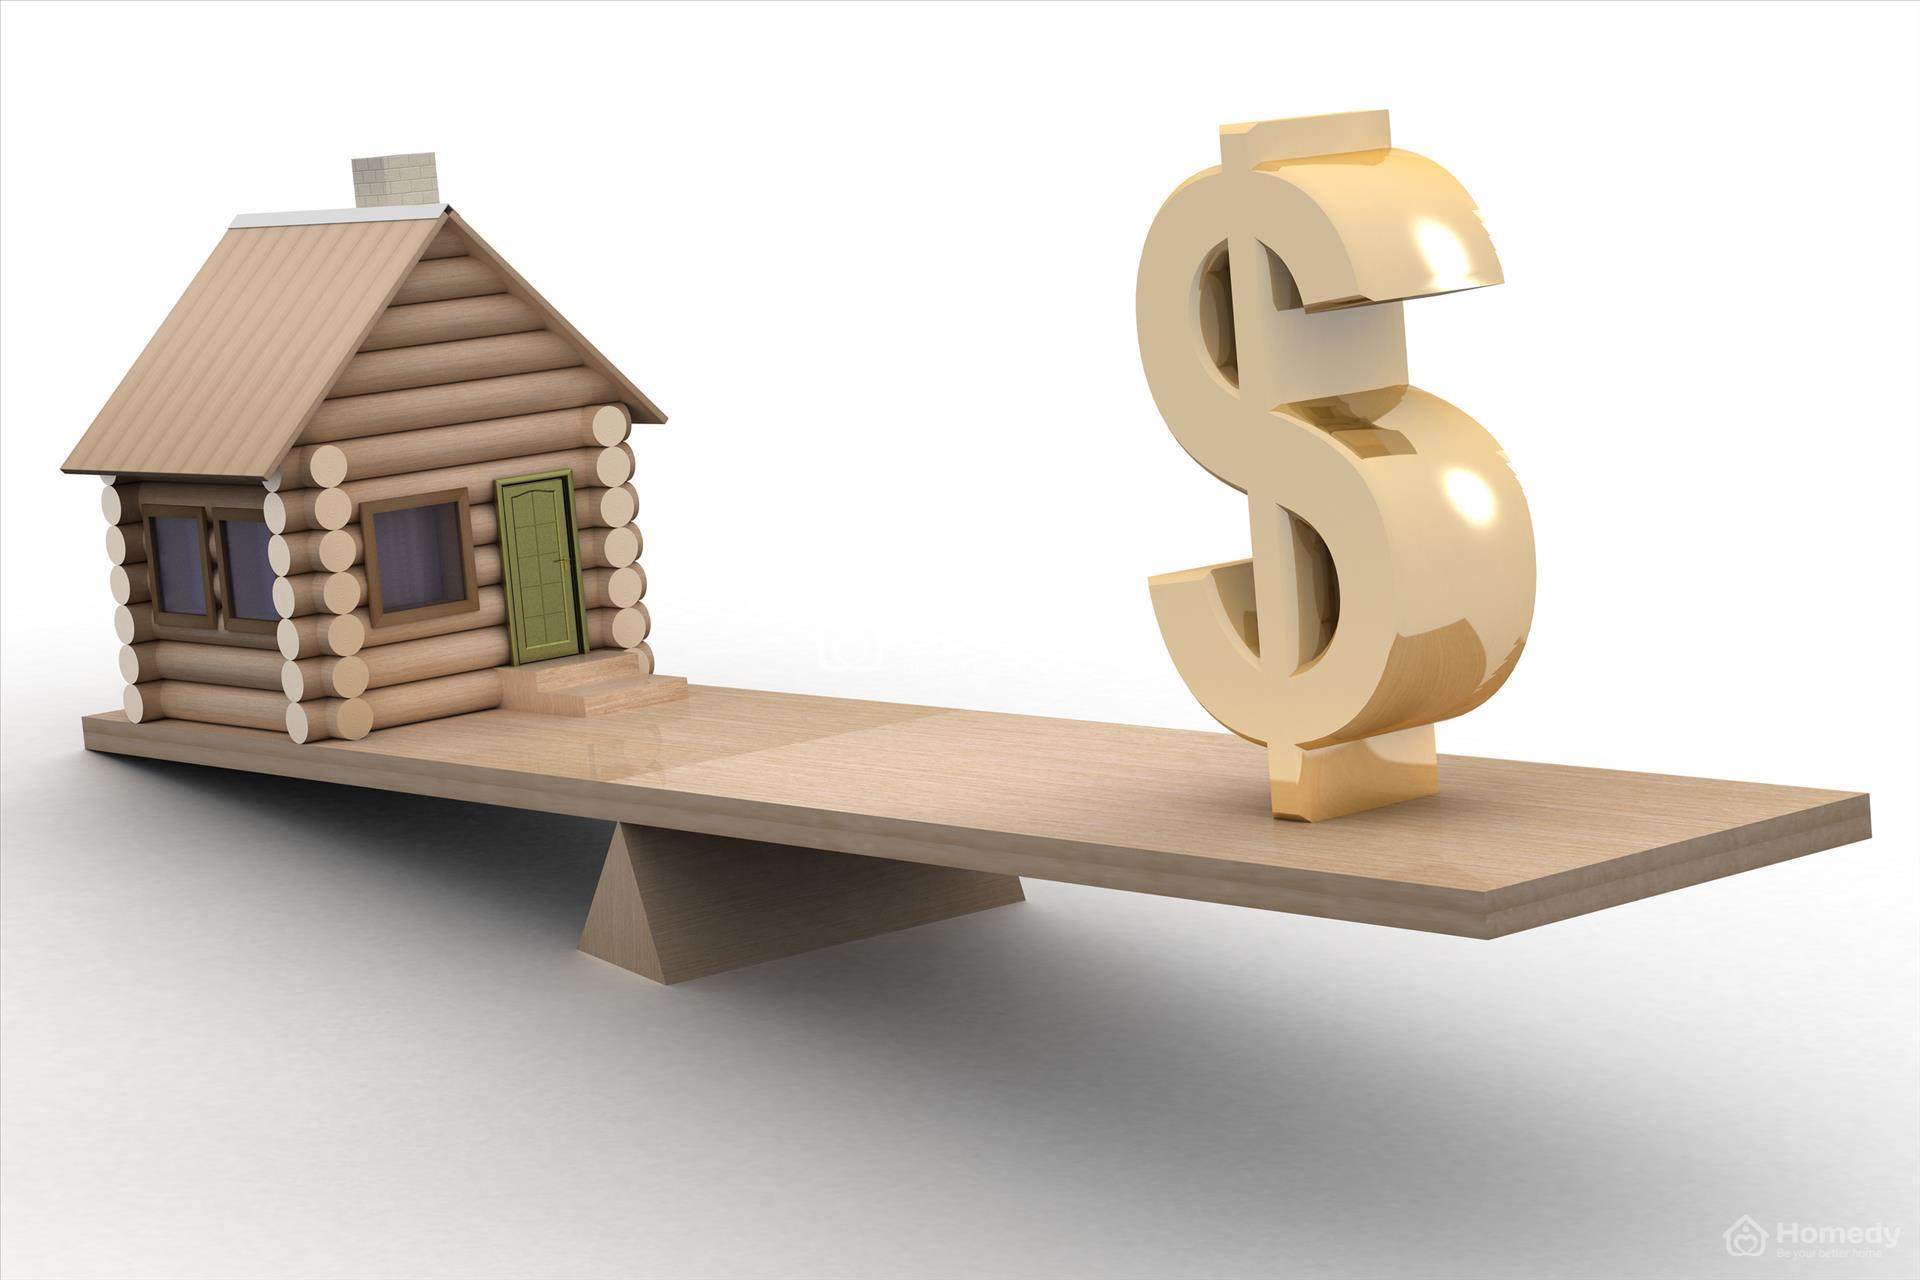 Đa số quốc gia đều tính thuế bất động sản